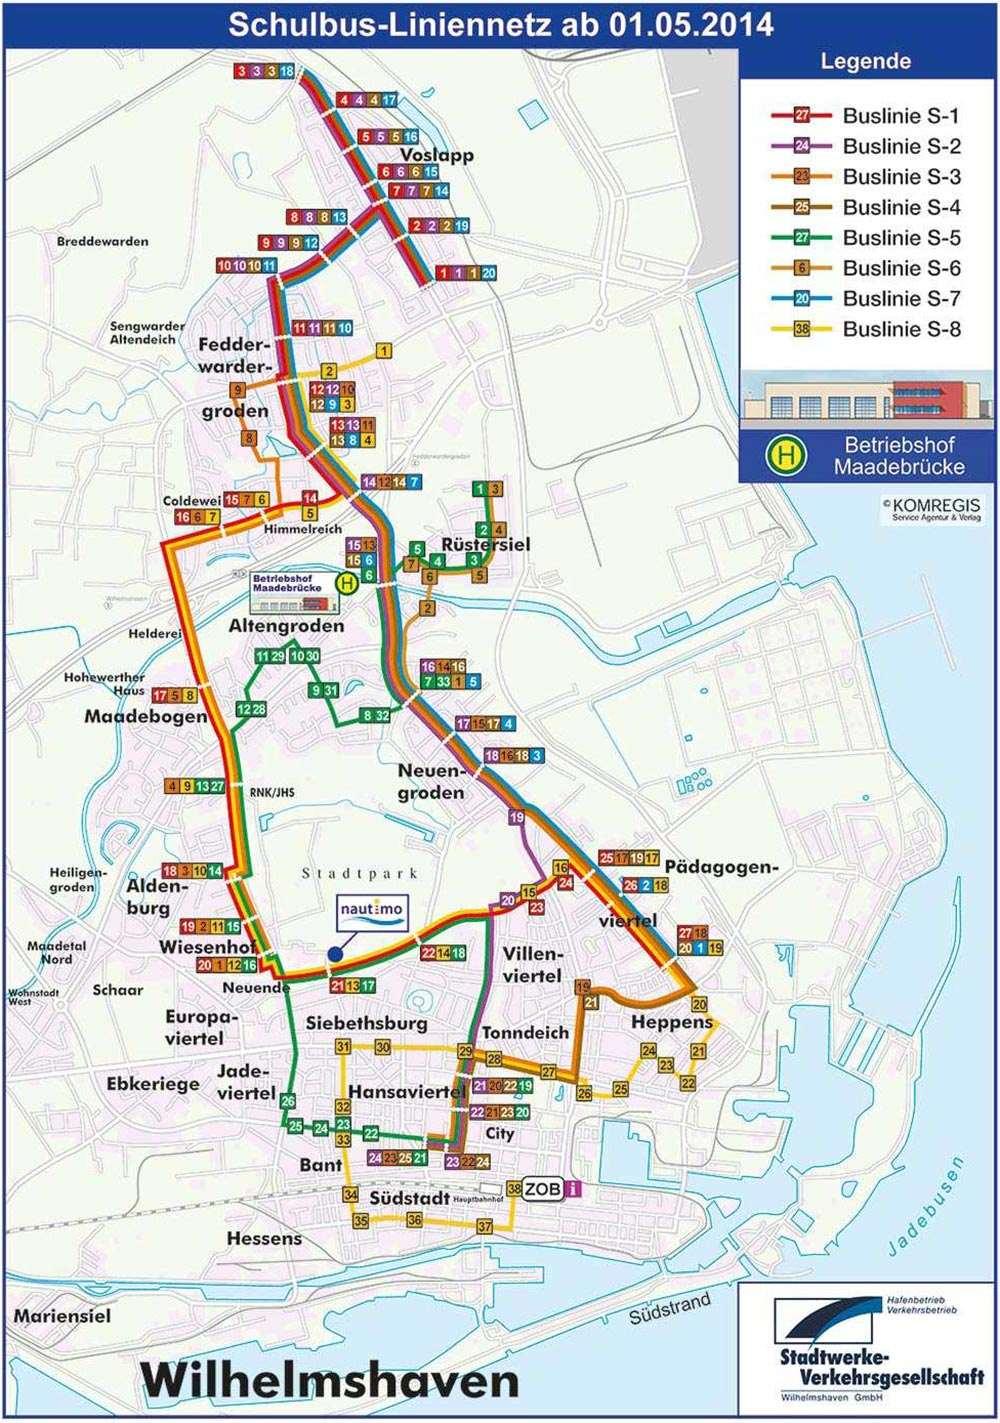 Schulbus Liniennetzplan ab 2014